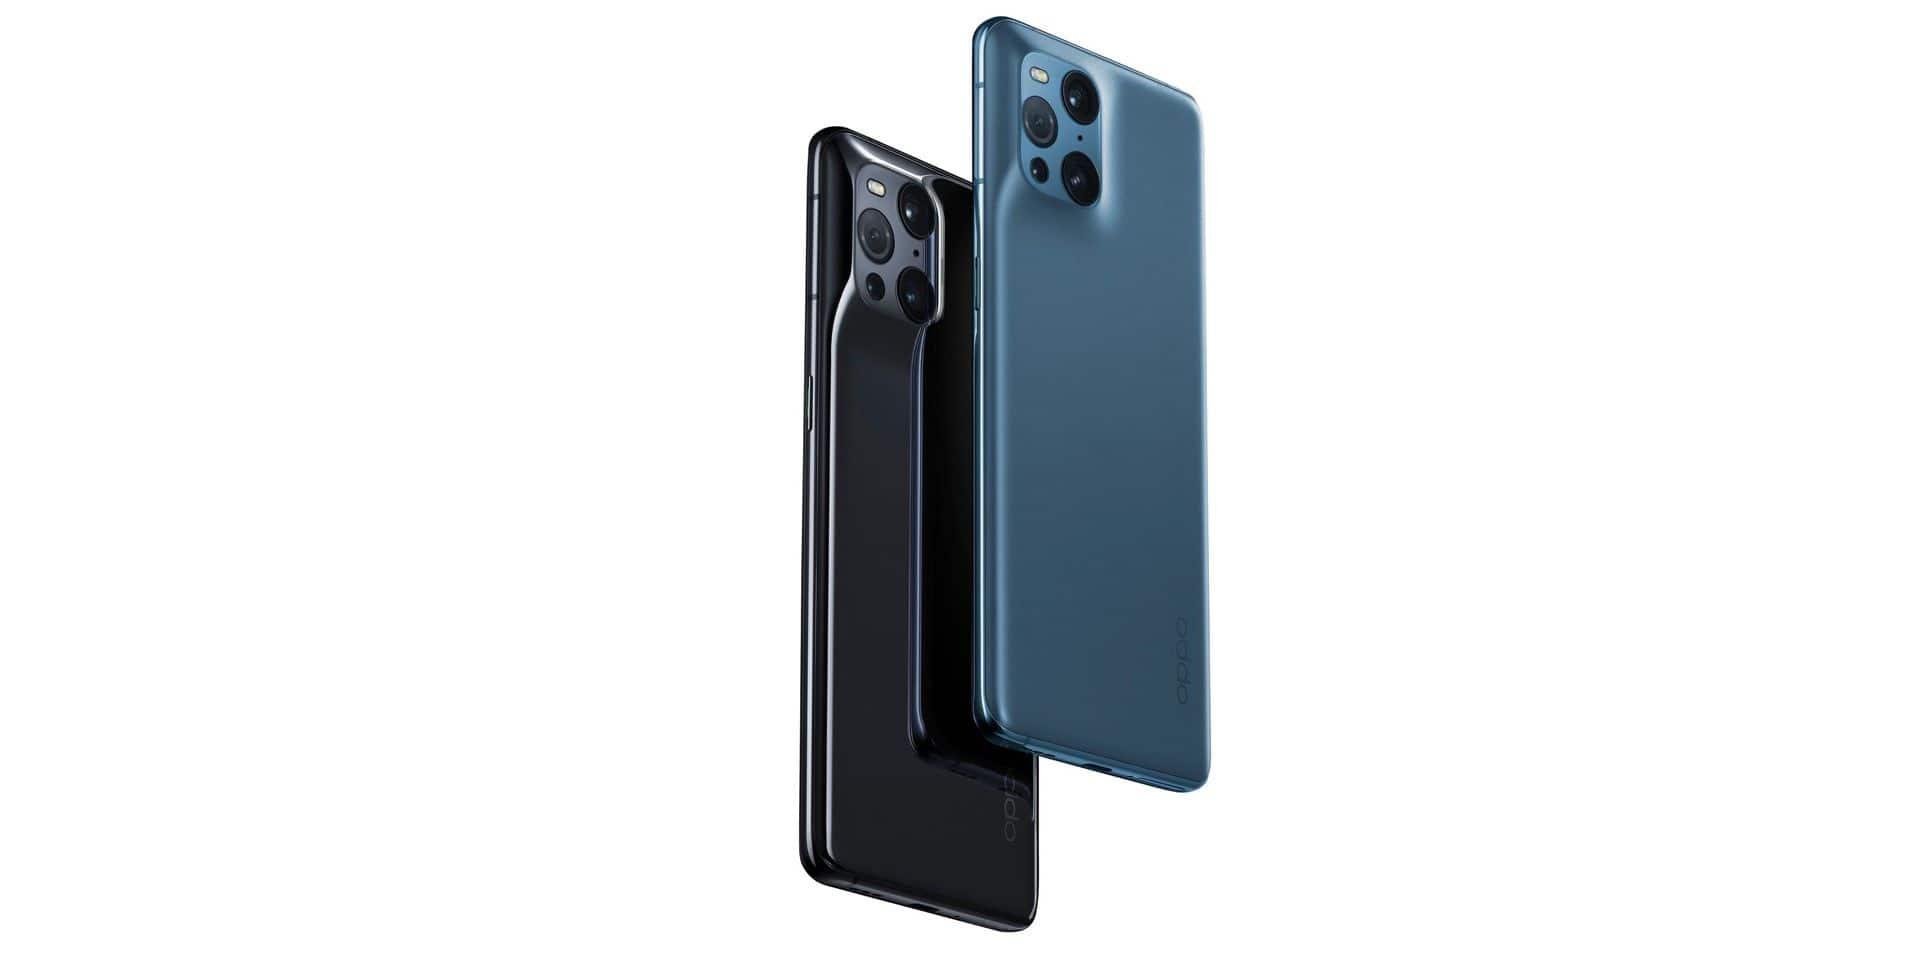 Ce téléphone d'Oppo s'affirme comme un vrai challenger